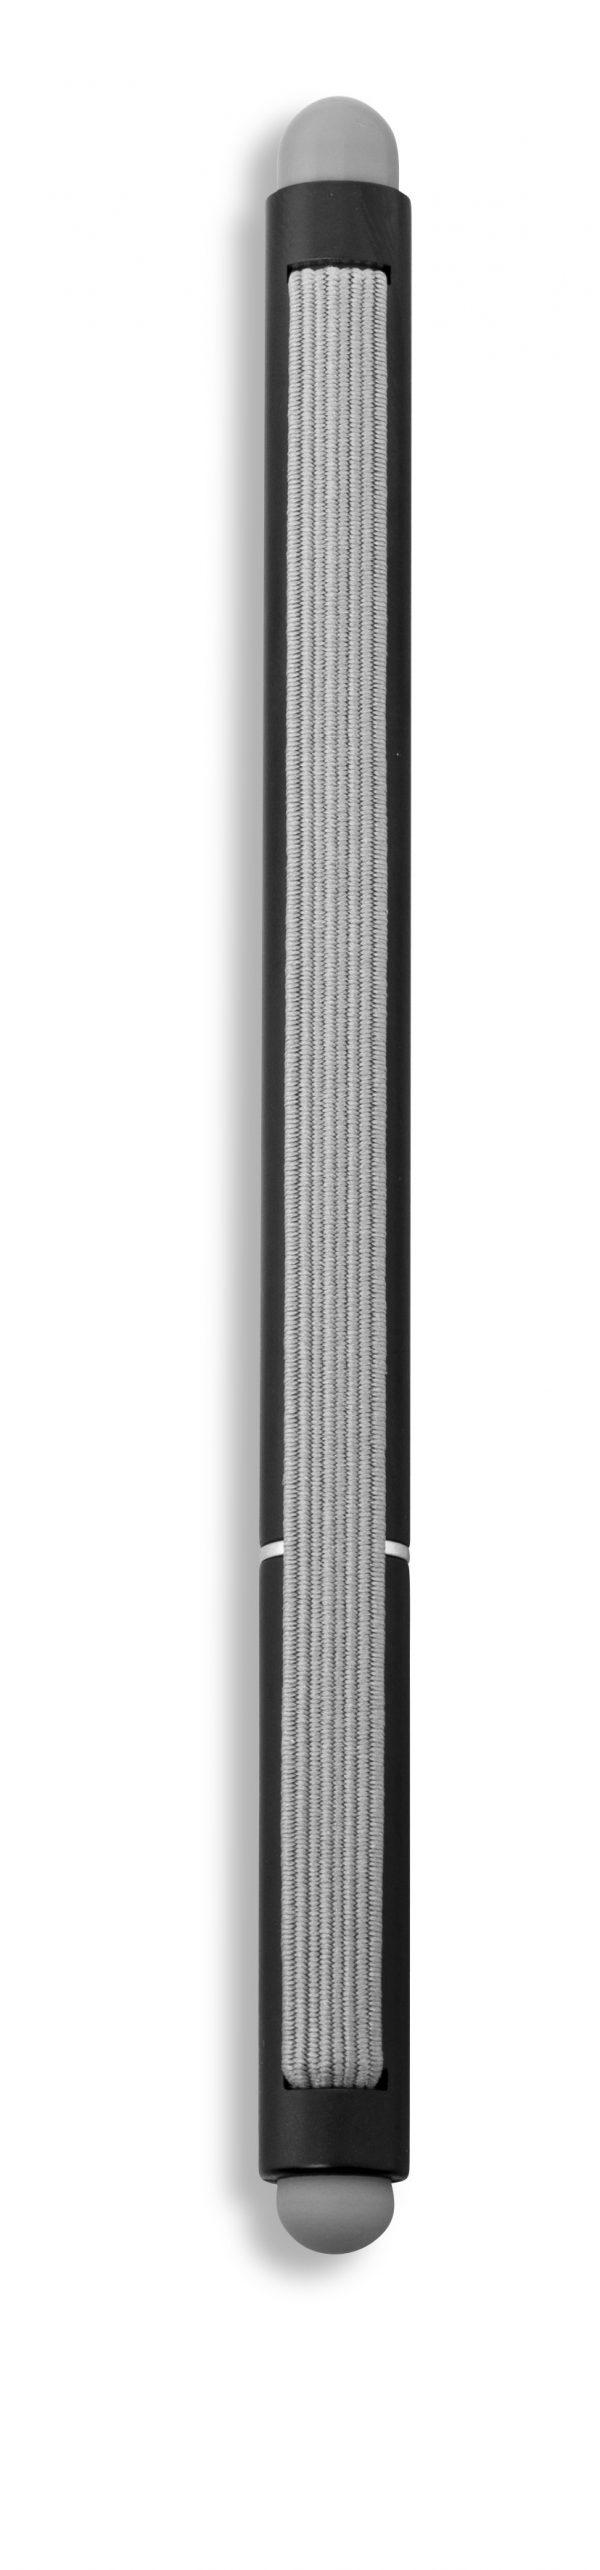 PEN-1840-GY